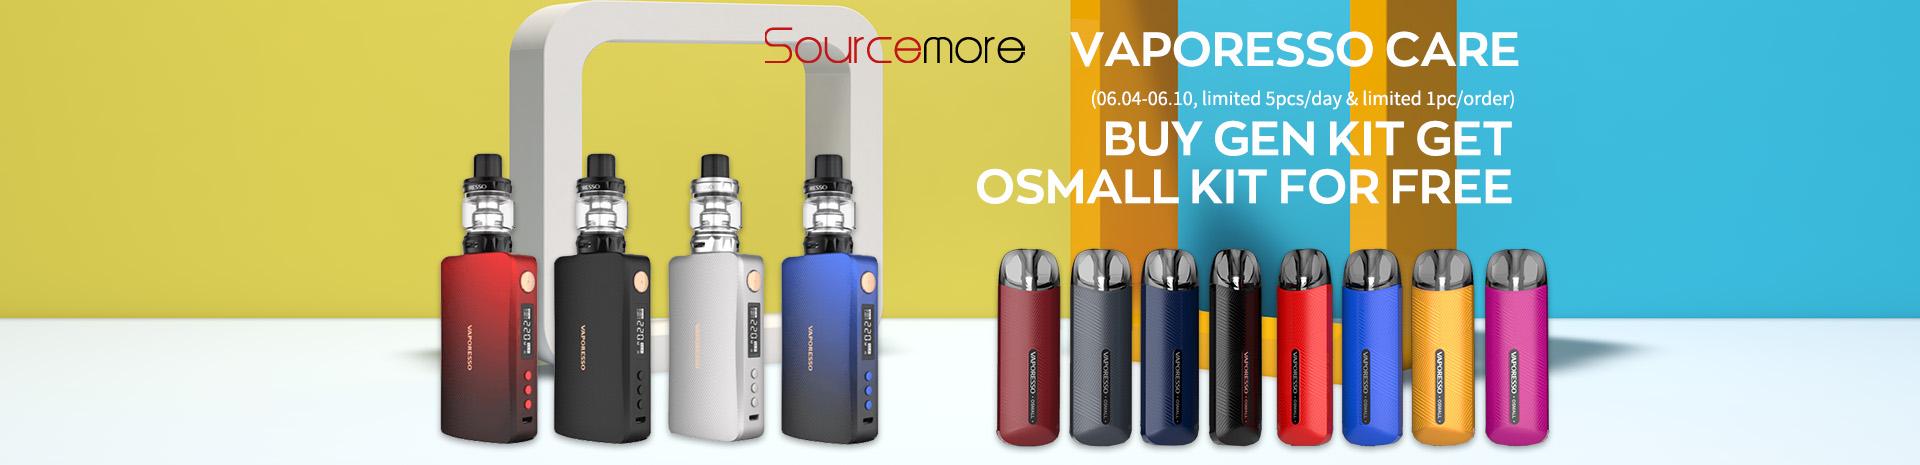 Vaporesso Care Buy GEN Kit Get OSMALL kit for Free